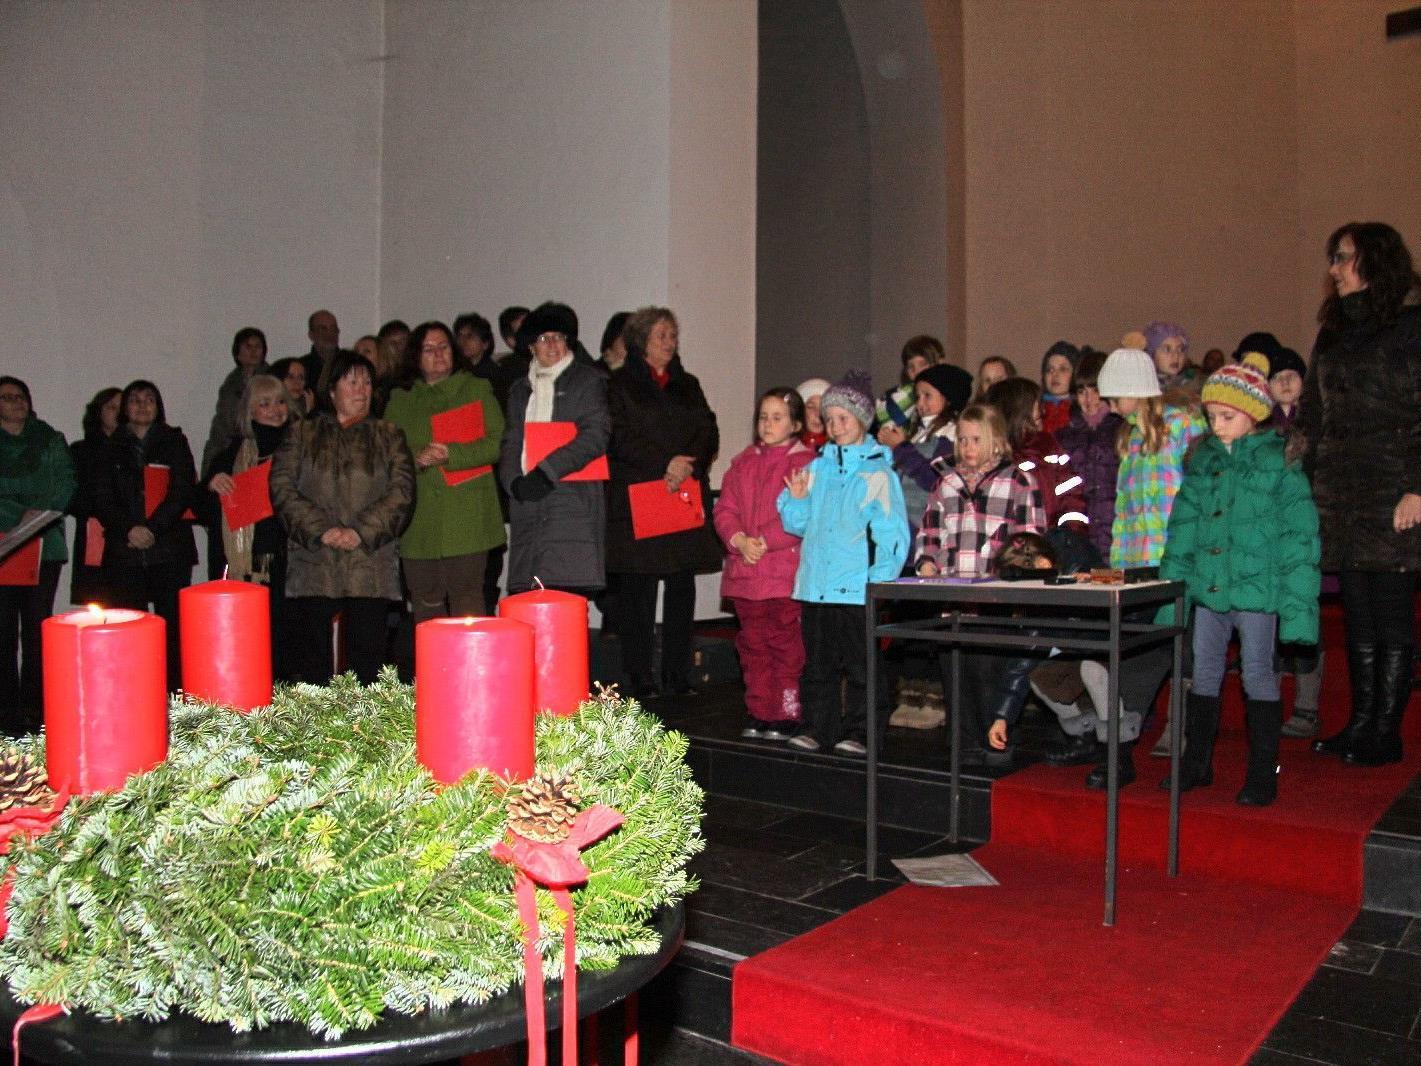 Adventstimmung in der Pfarrkirche Altenstadt